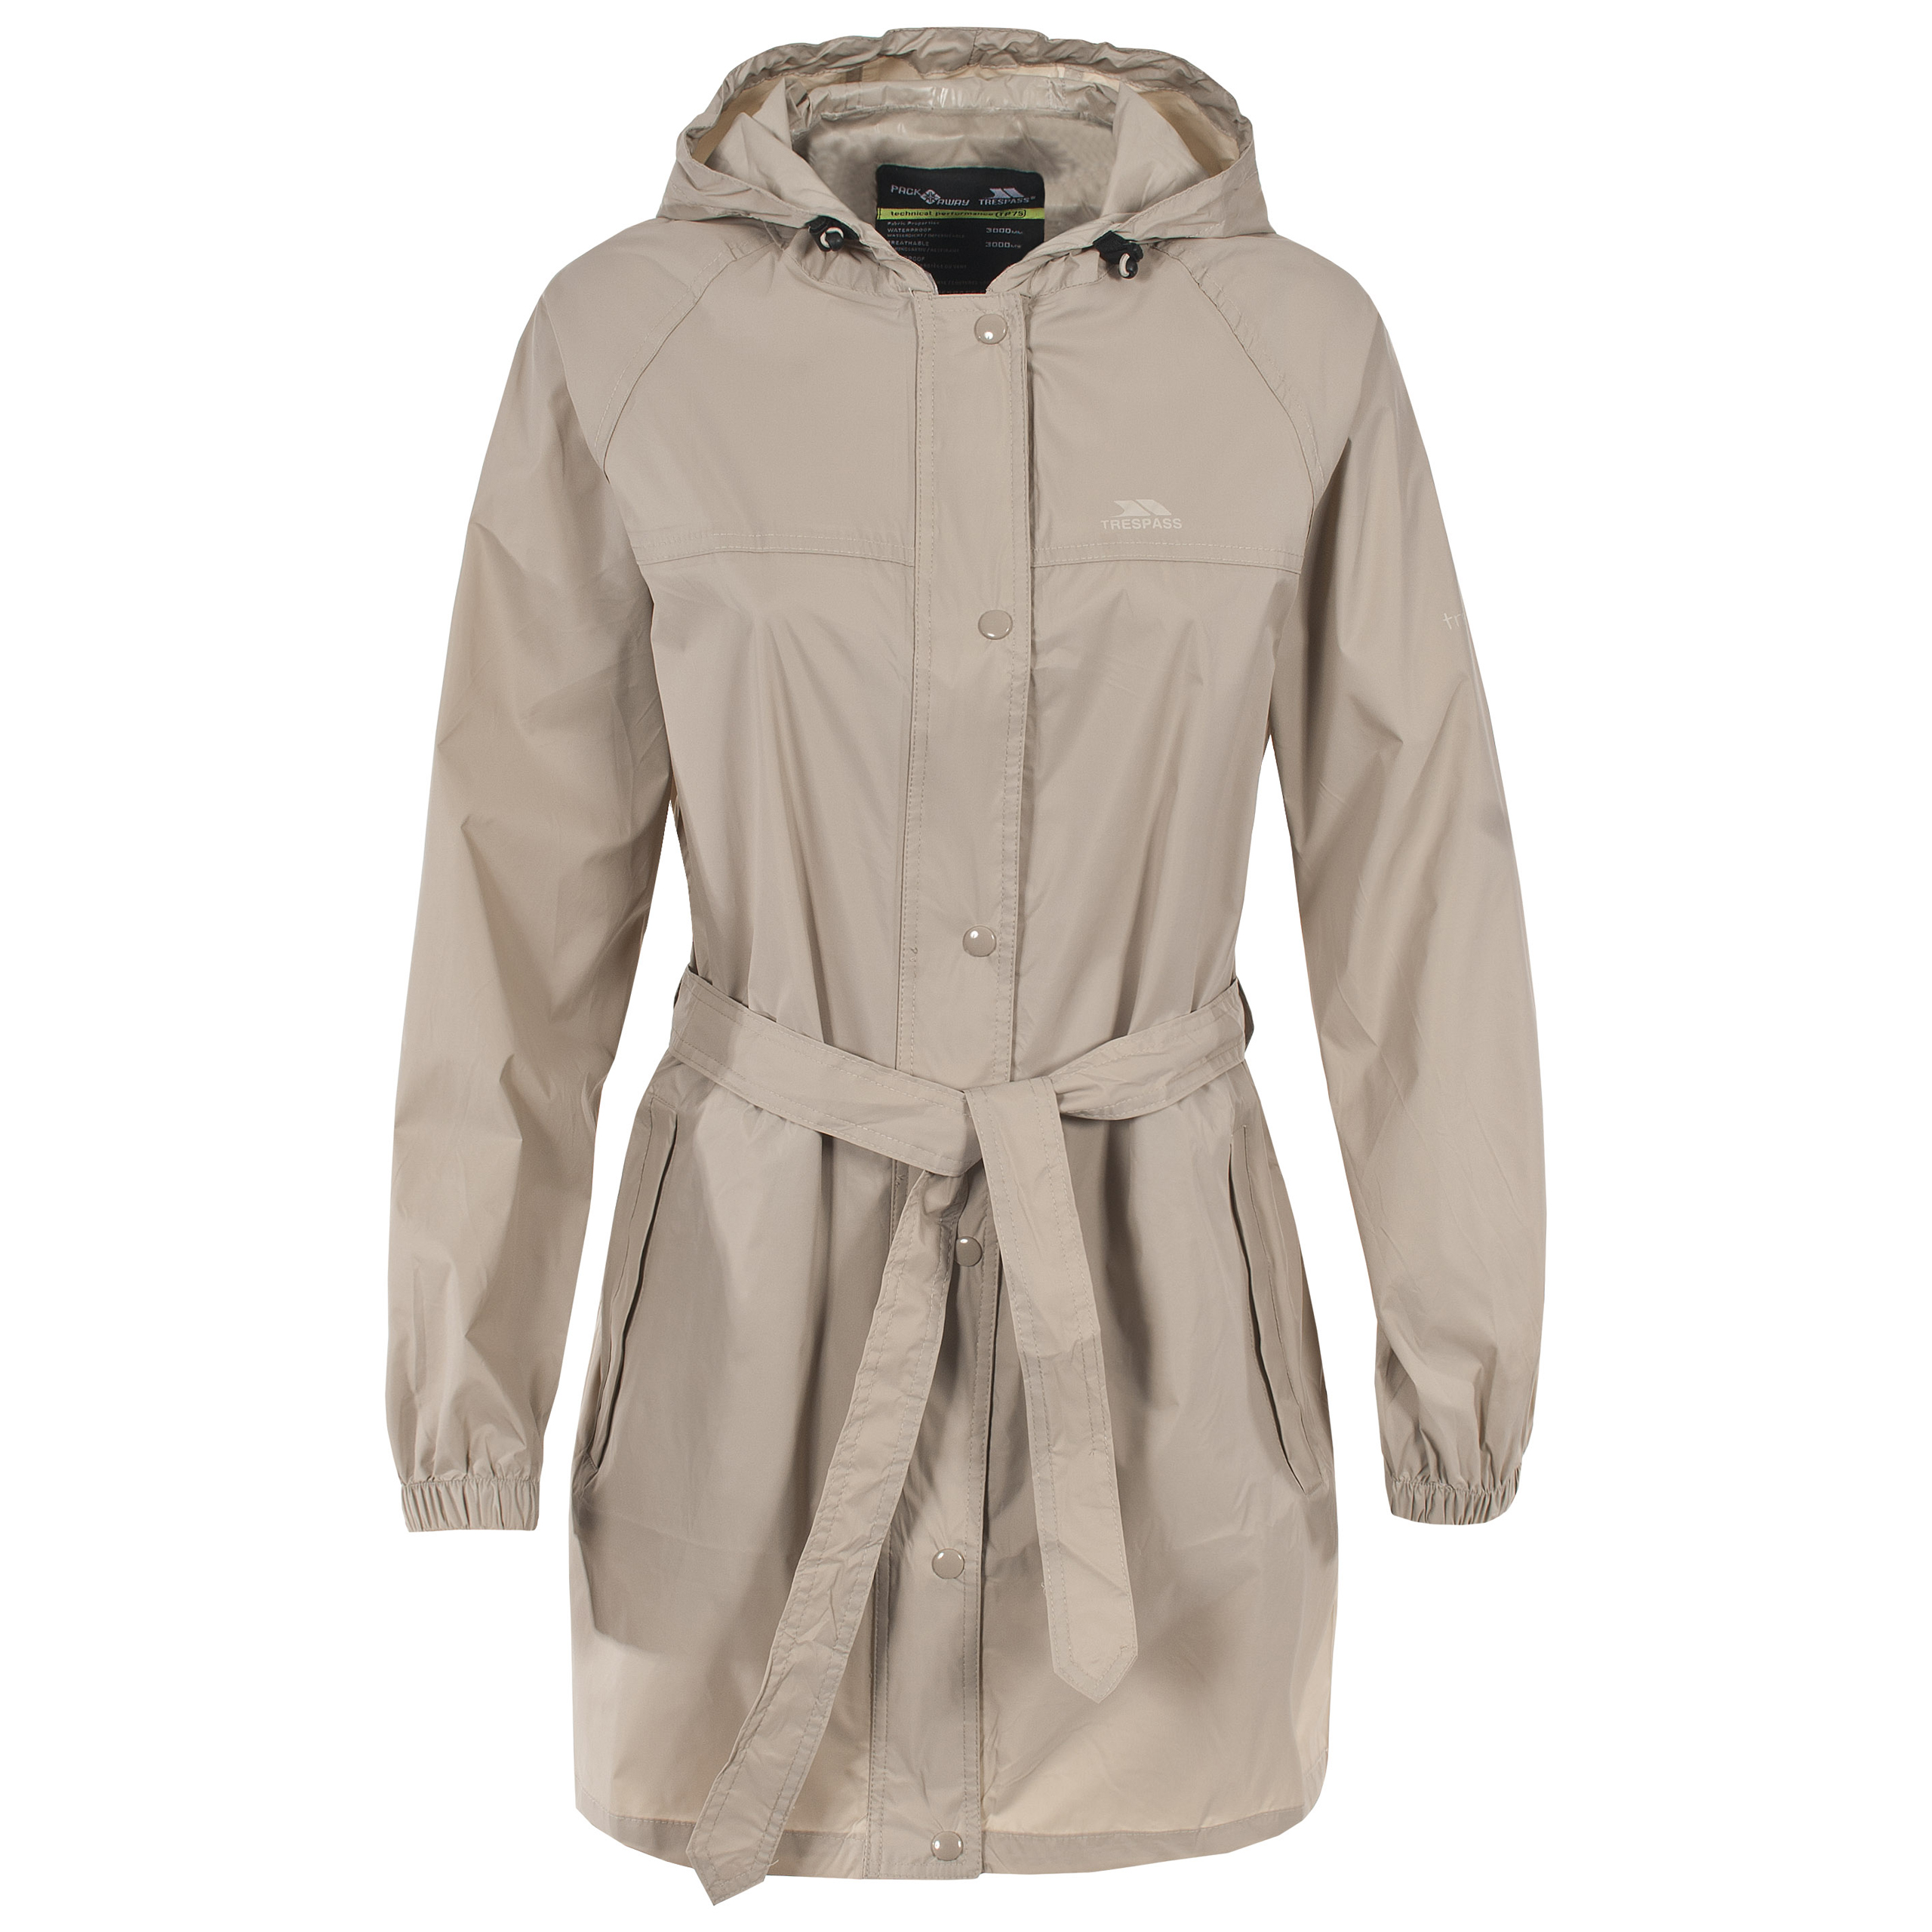 Womens rain coats jackets